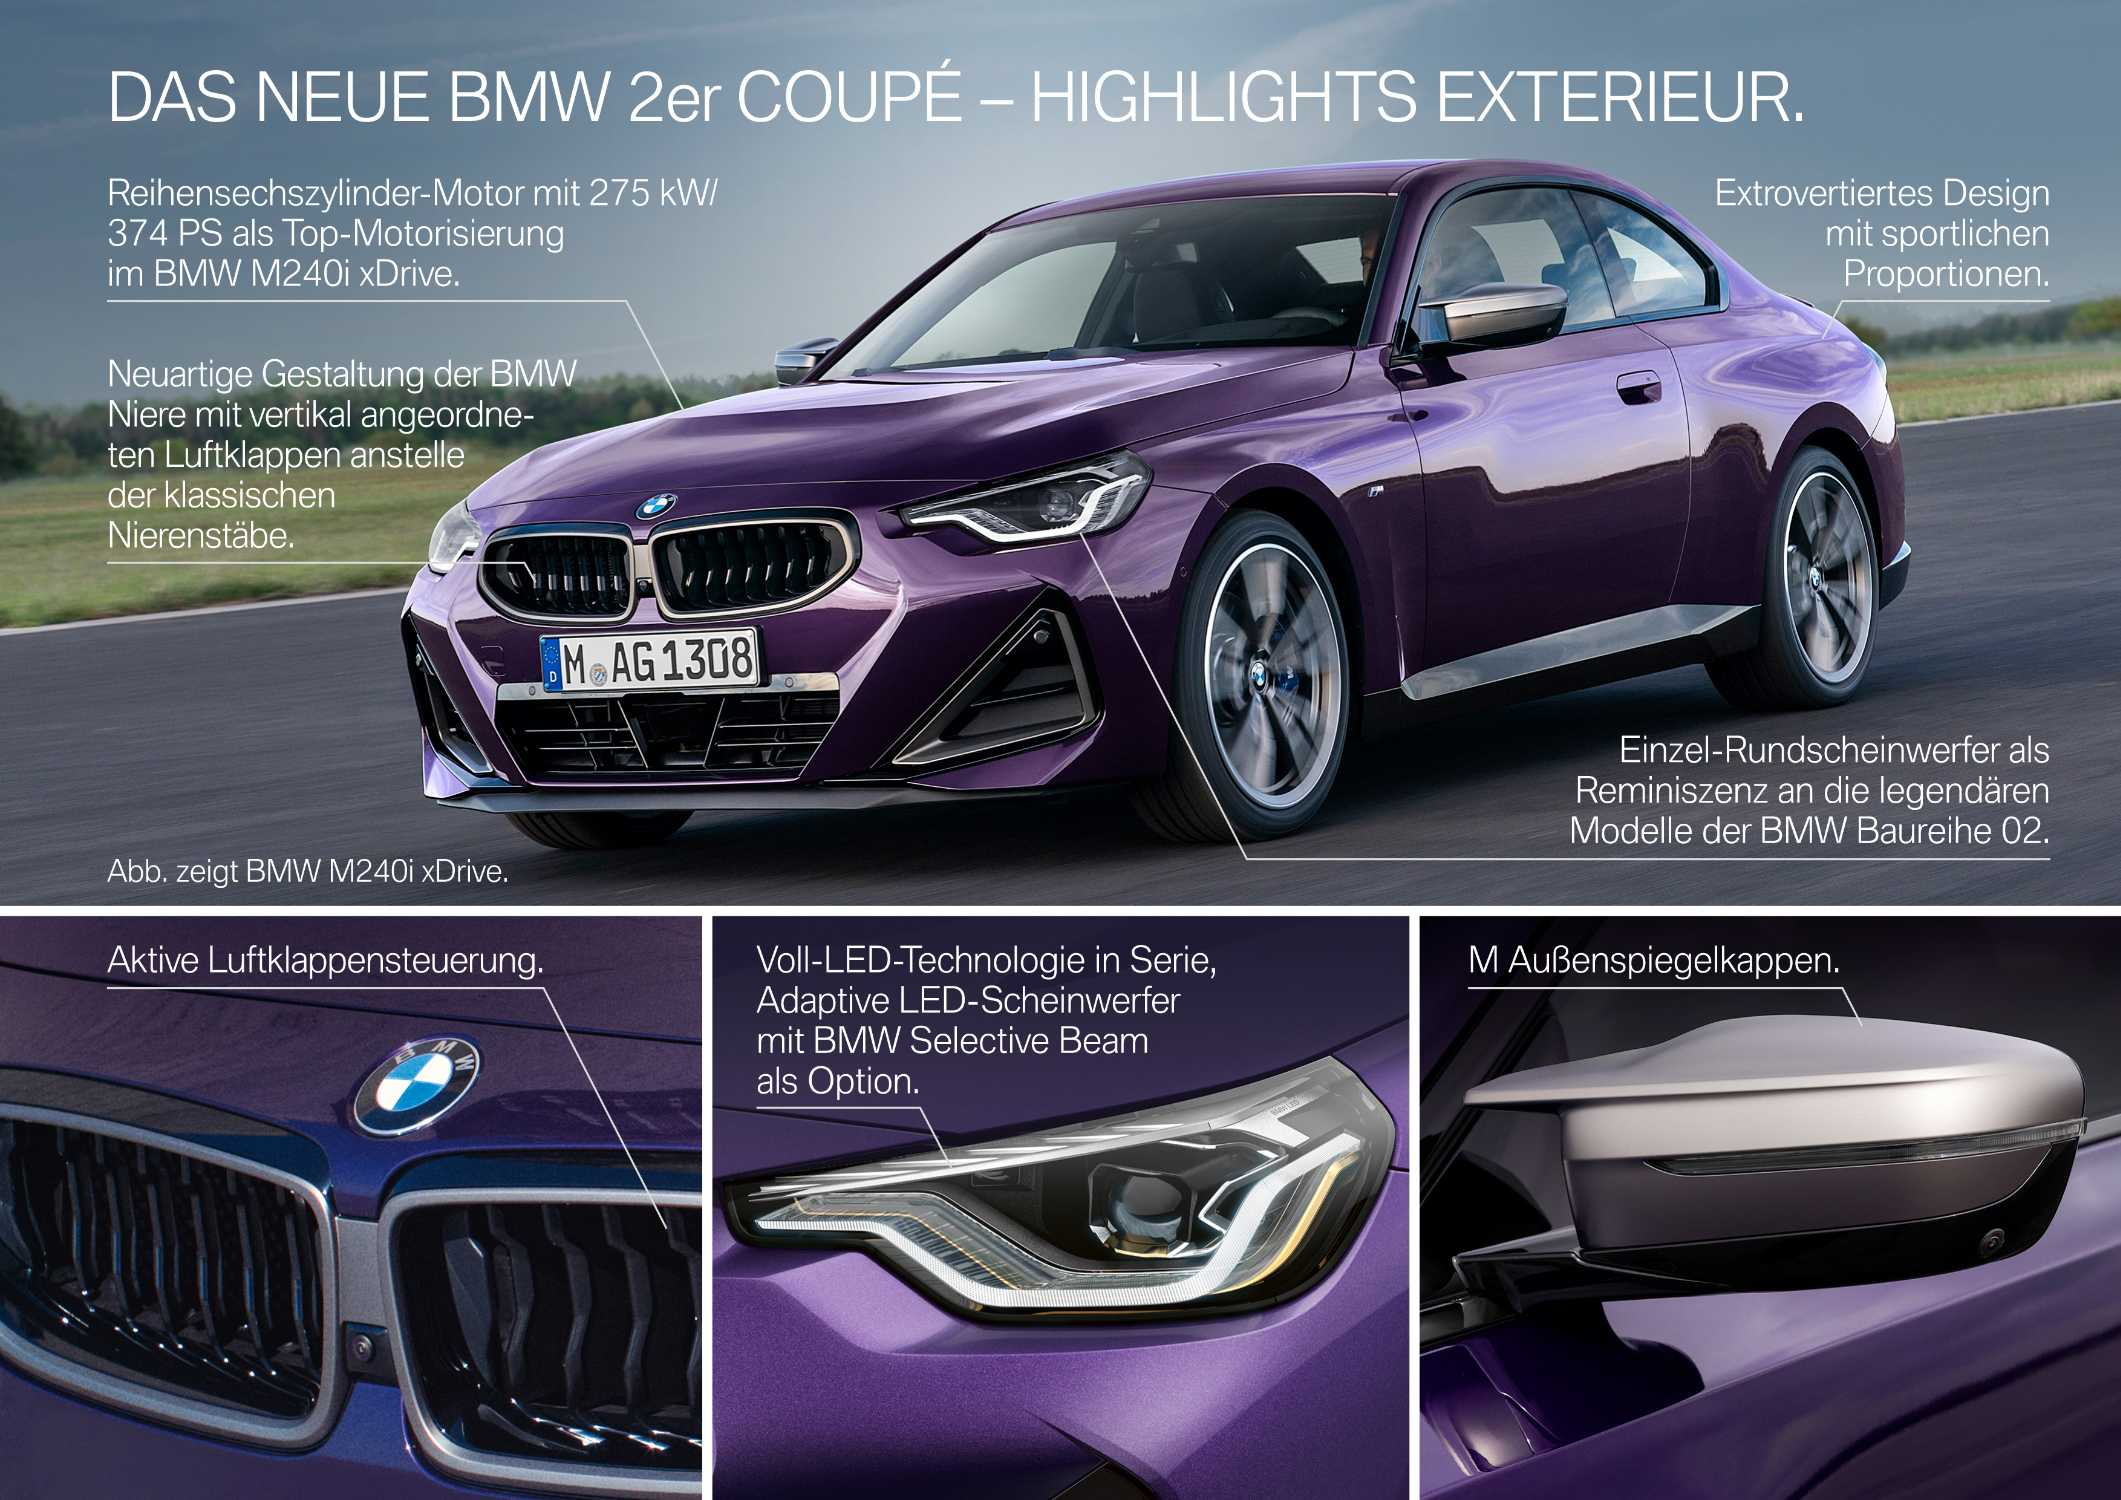 Das neue BMW 2er Coupé - Highlights (07/2021).